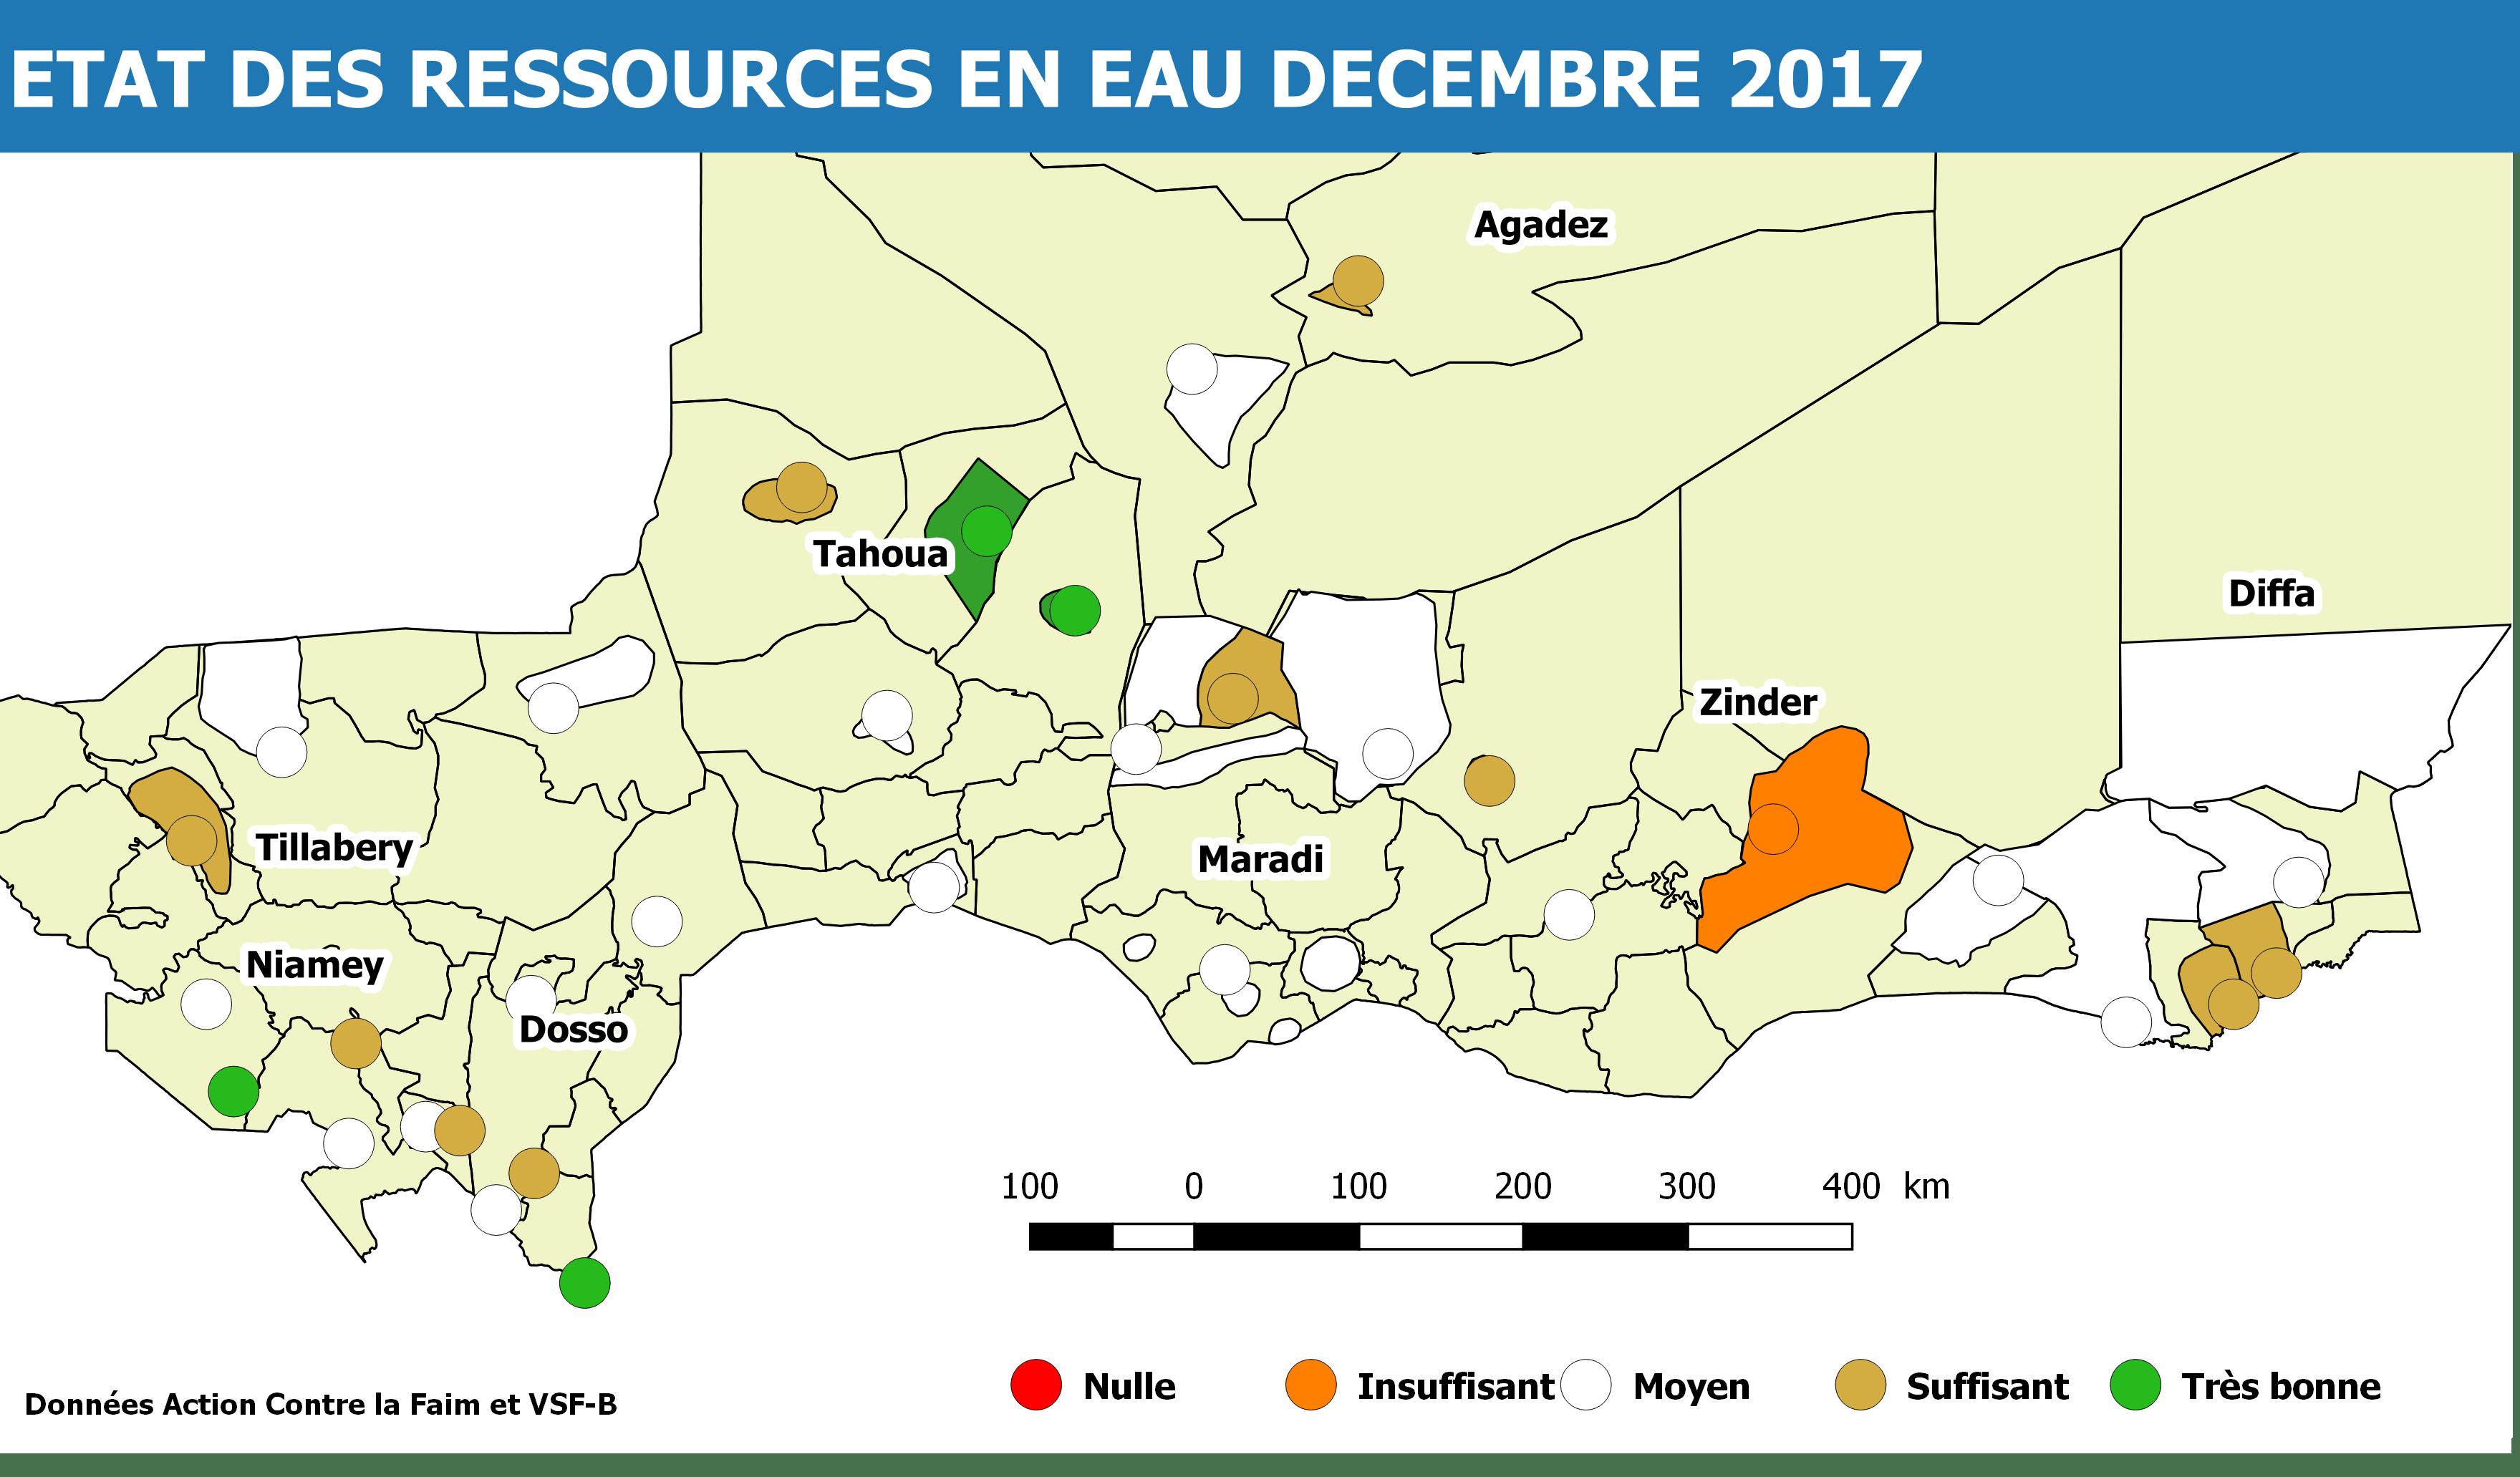 Etat des ressources en Eau Dec. 2017